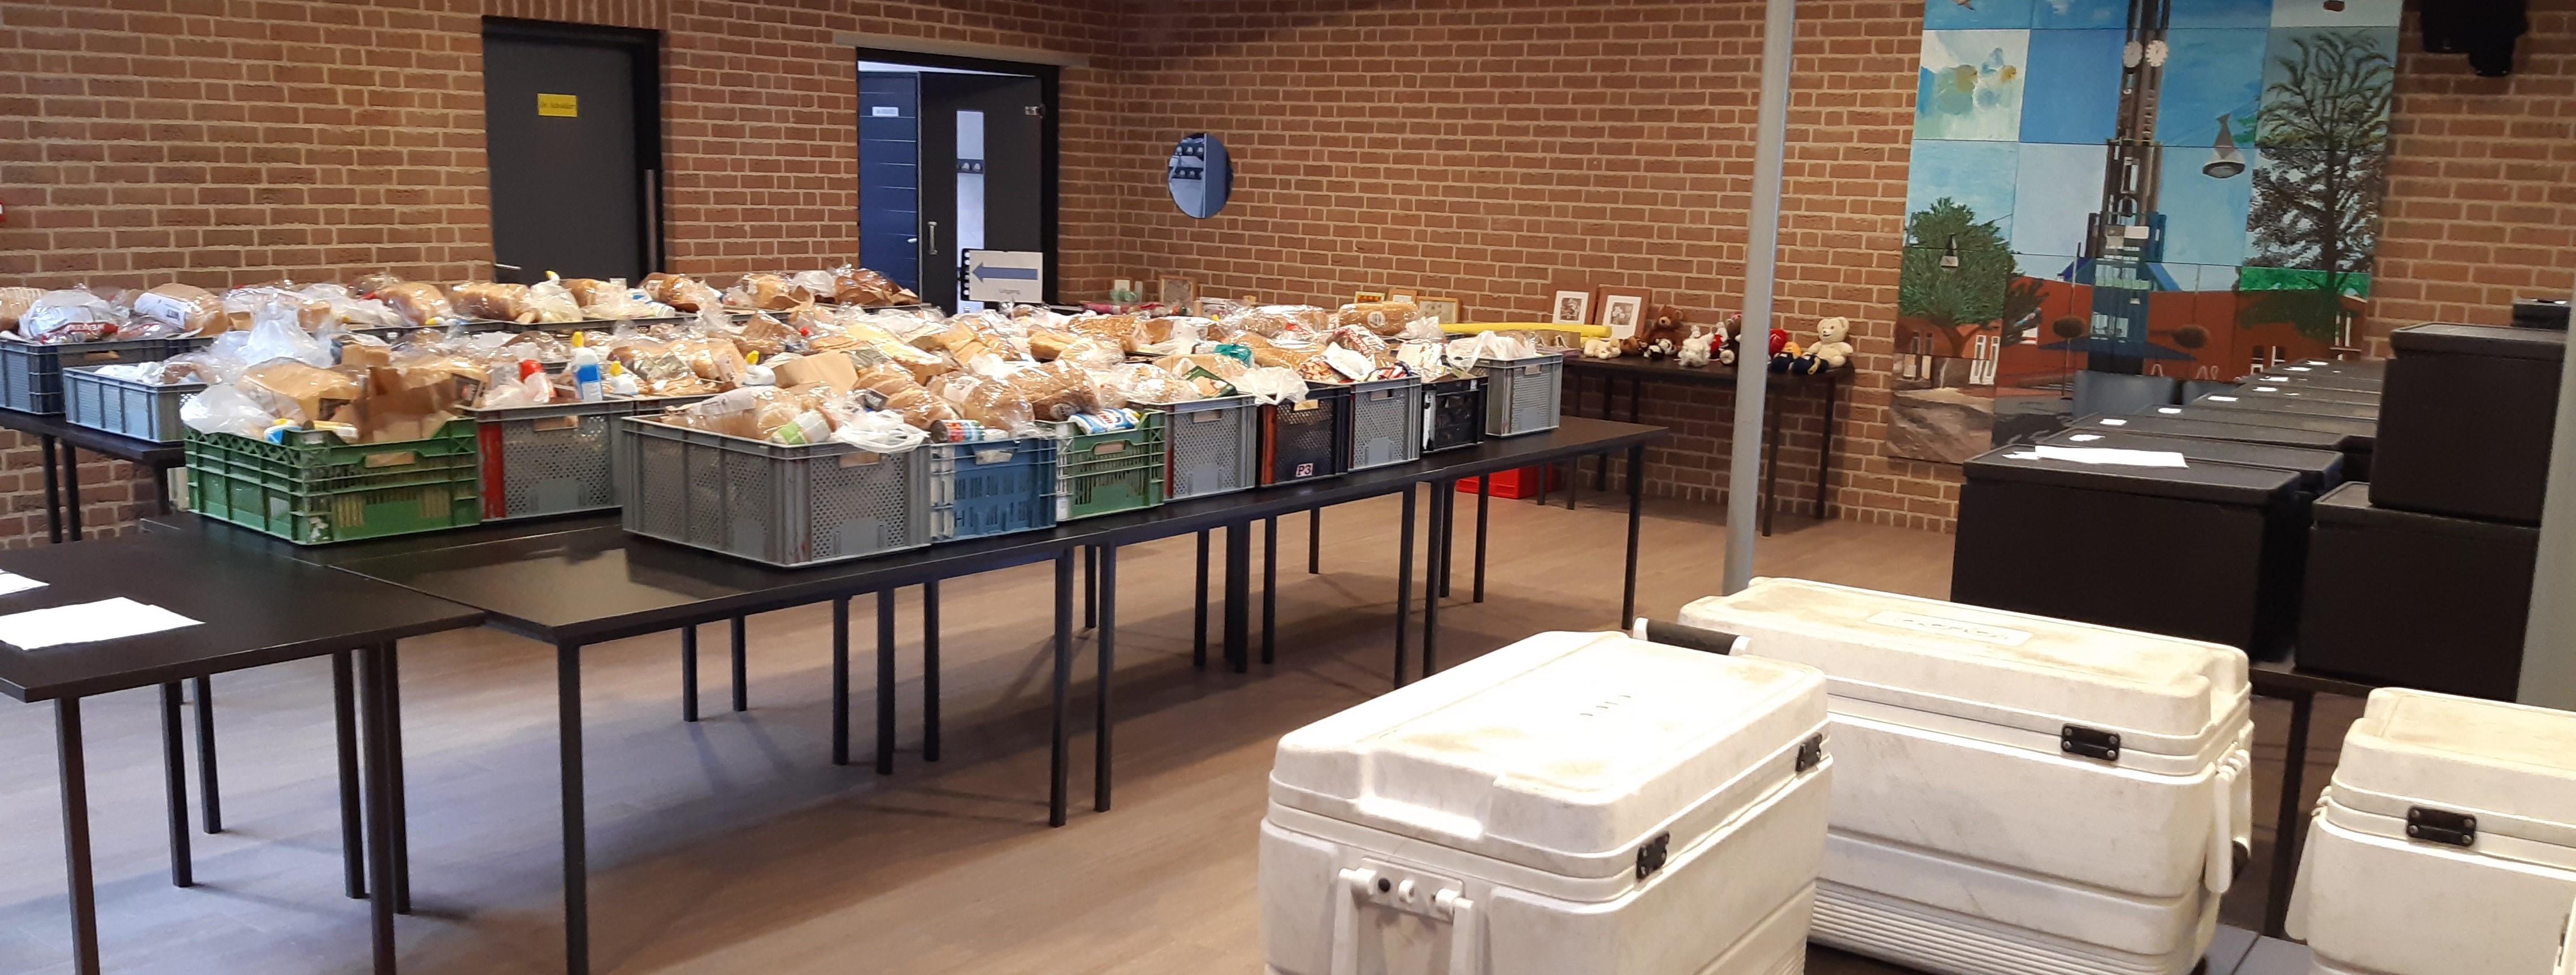 15 jaar Voedselbank Zeewolde